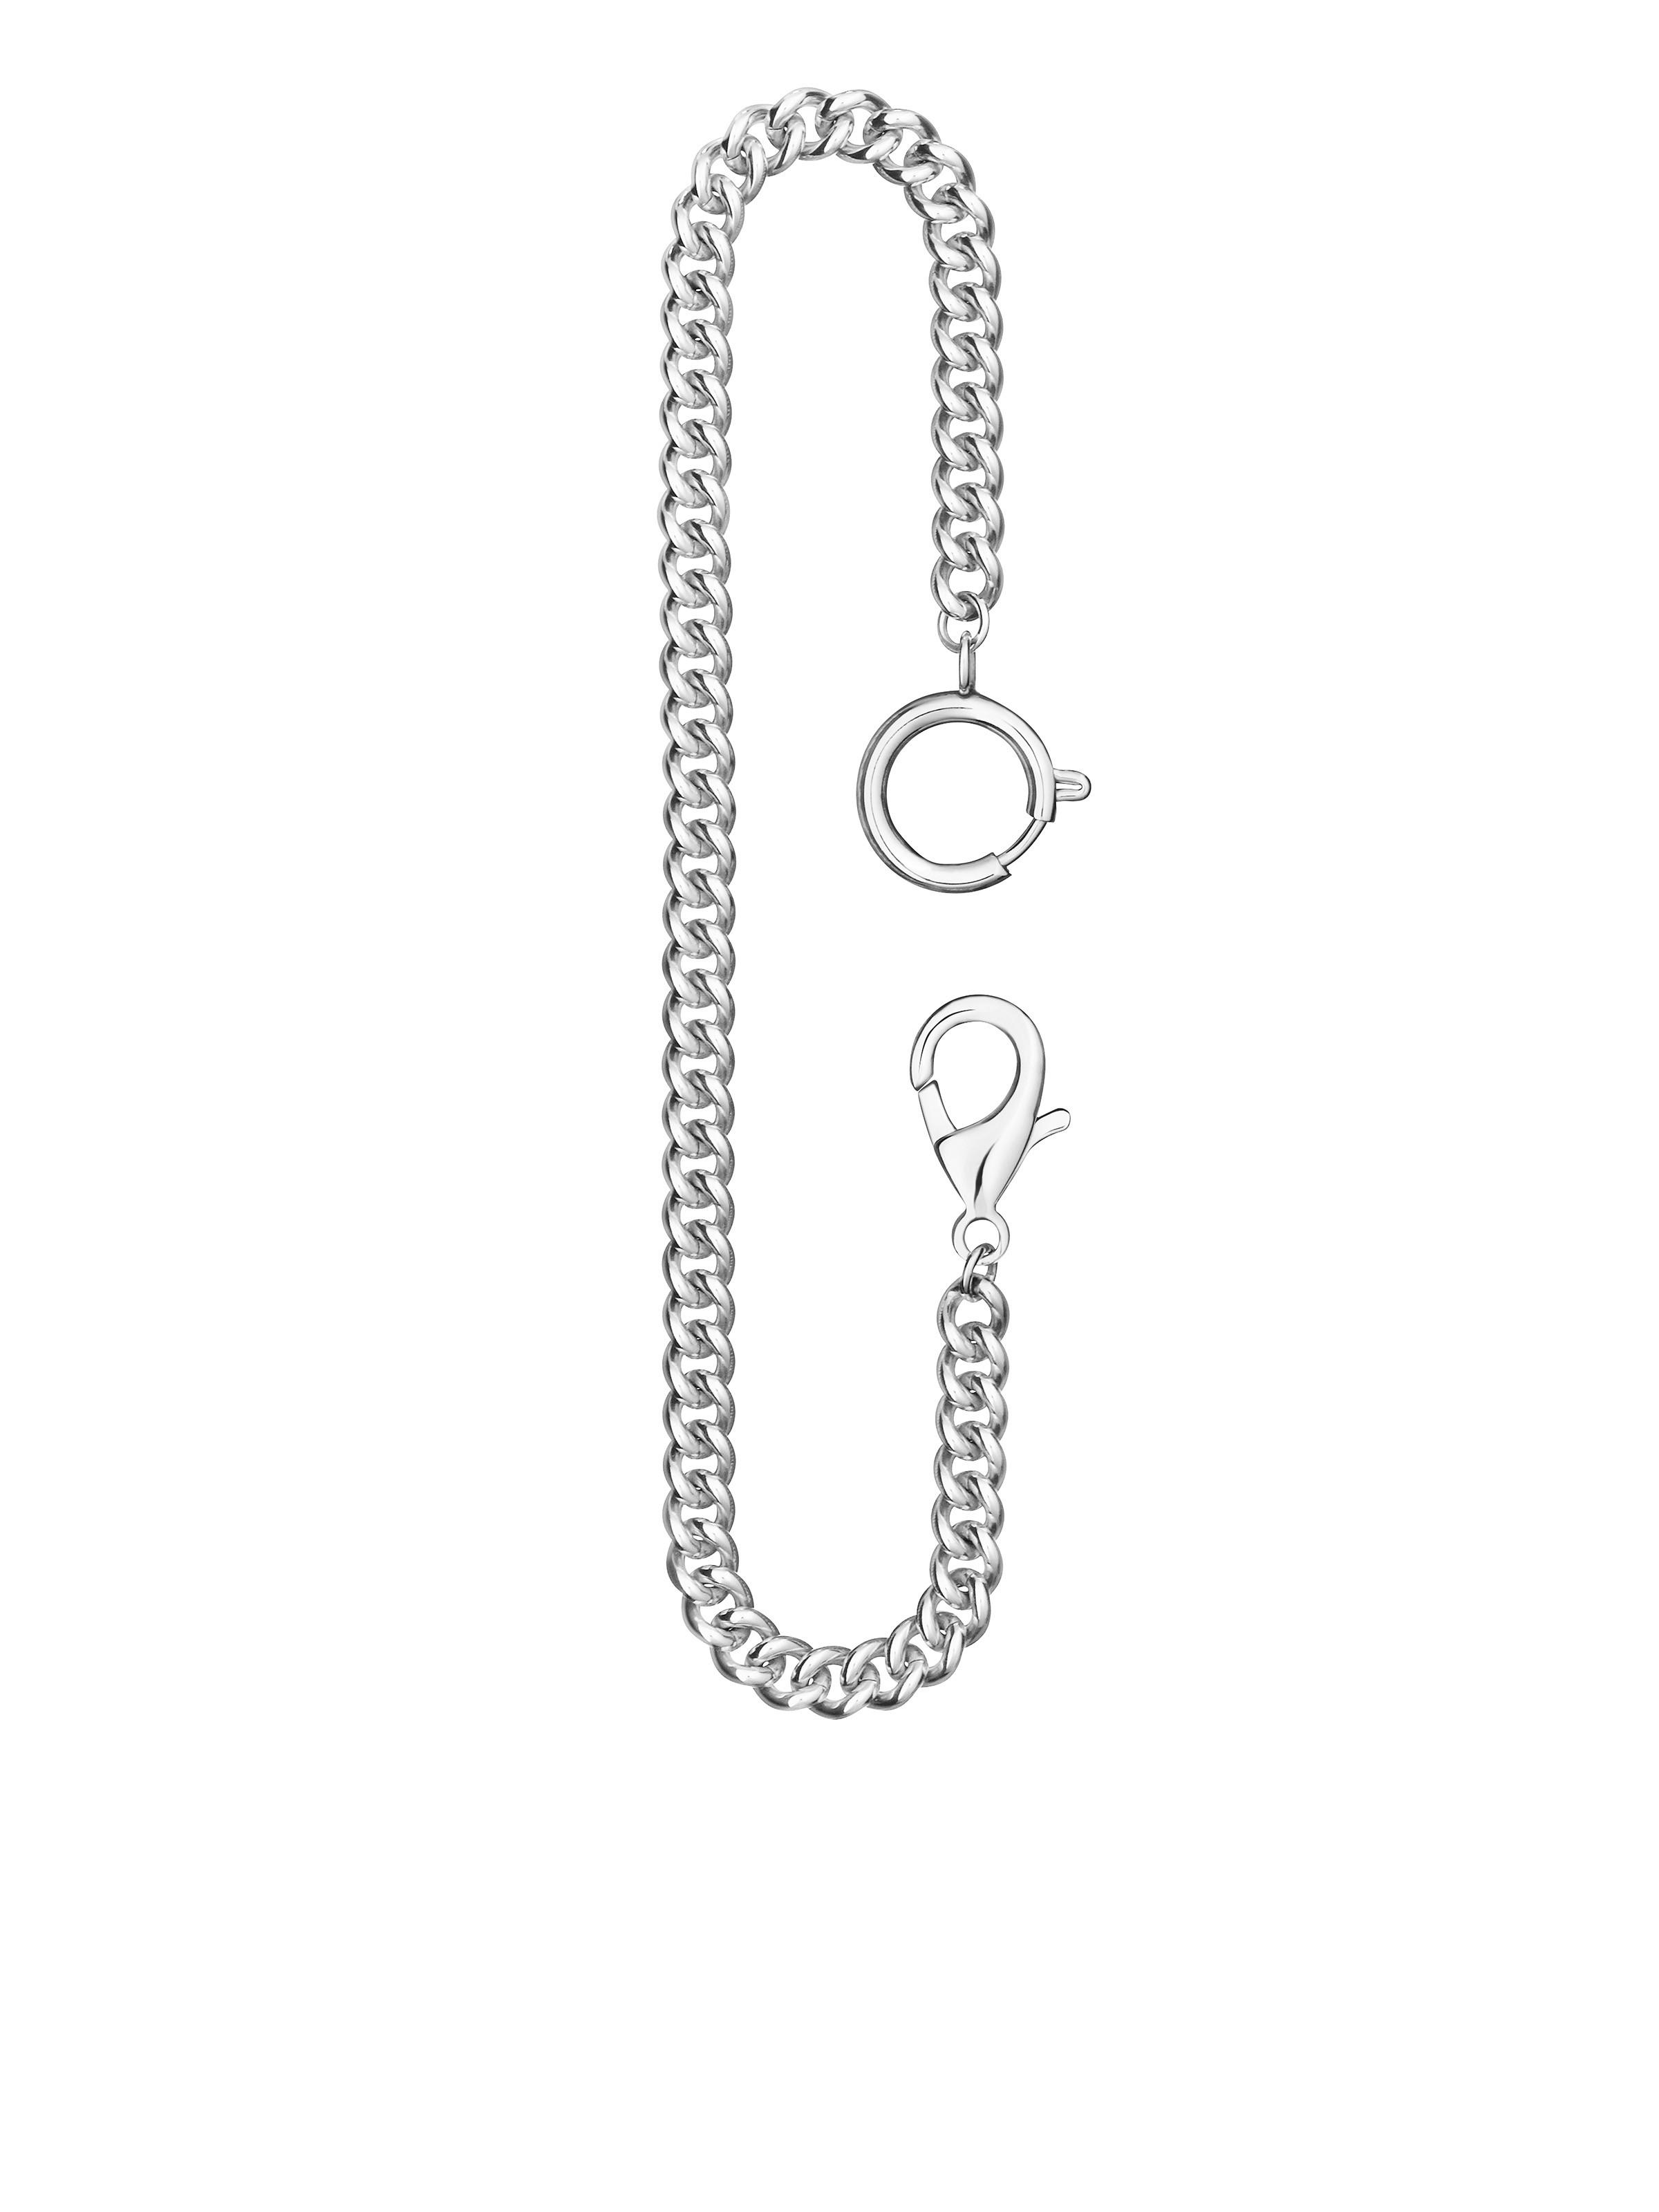 Zeitmeister Pocket Watch Chain